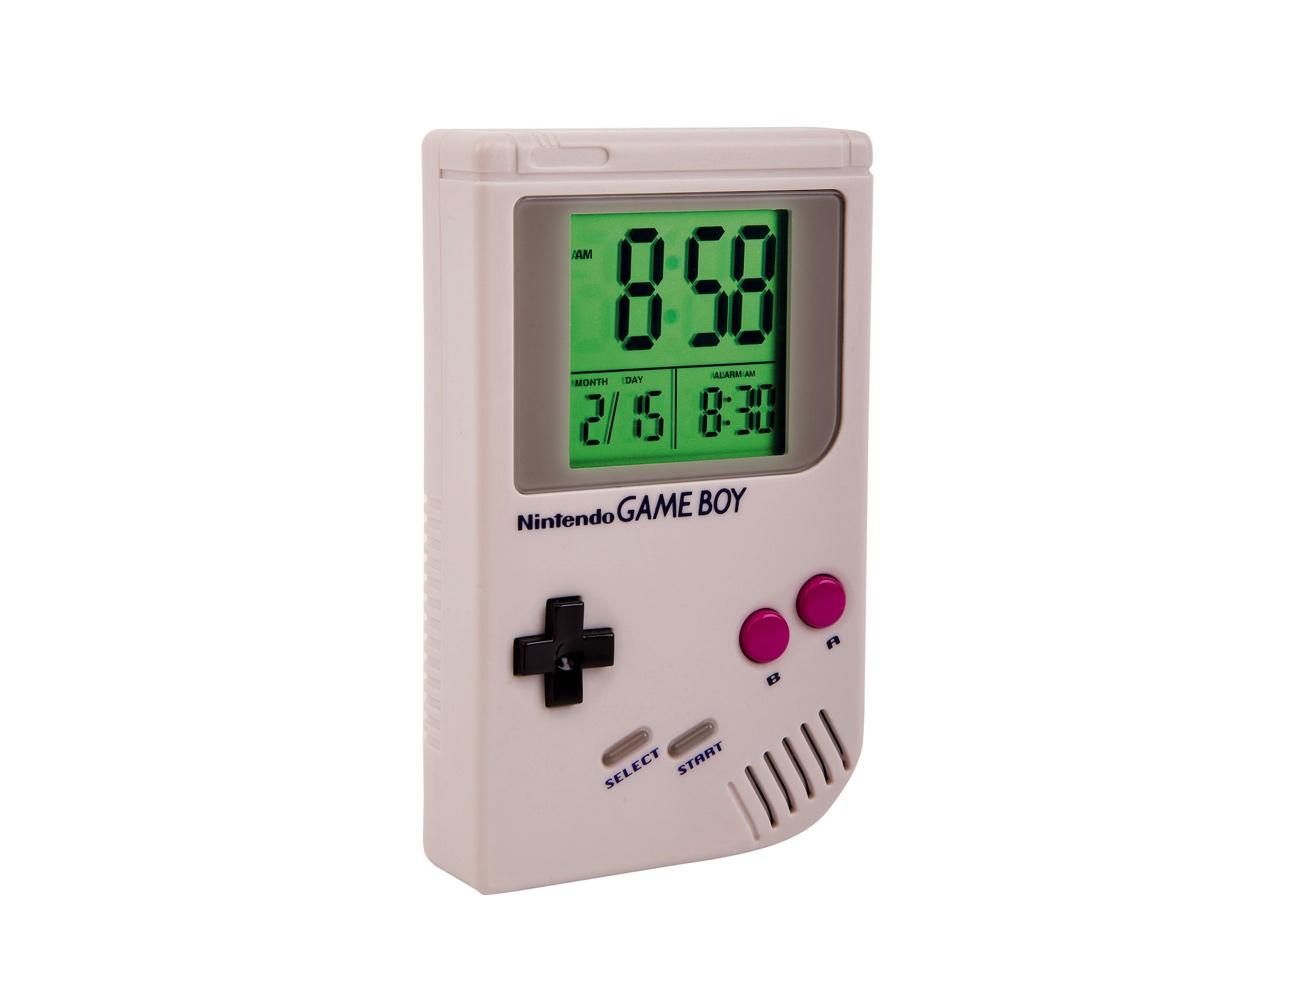 Nintendo Game Over Game Boy Alarm Clock